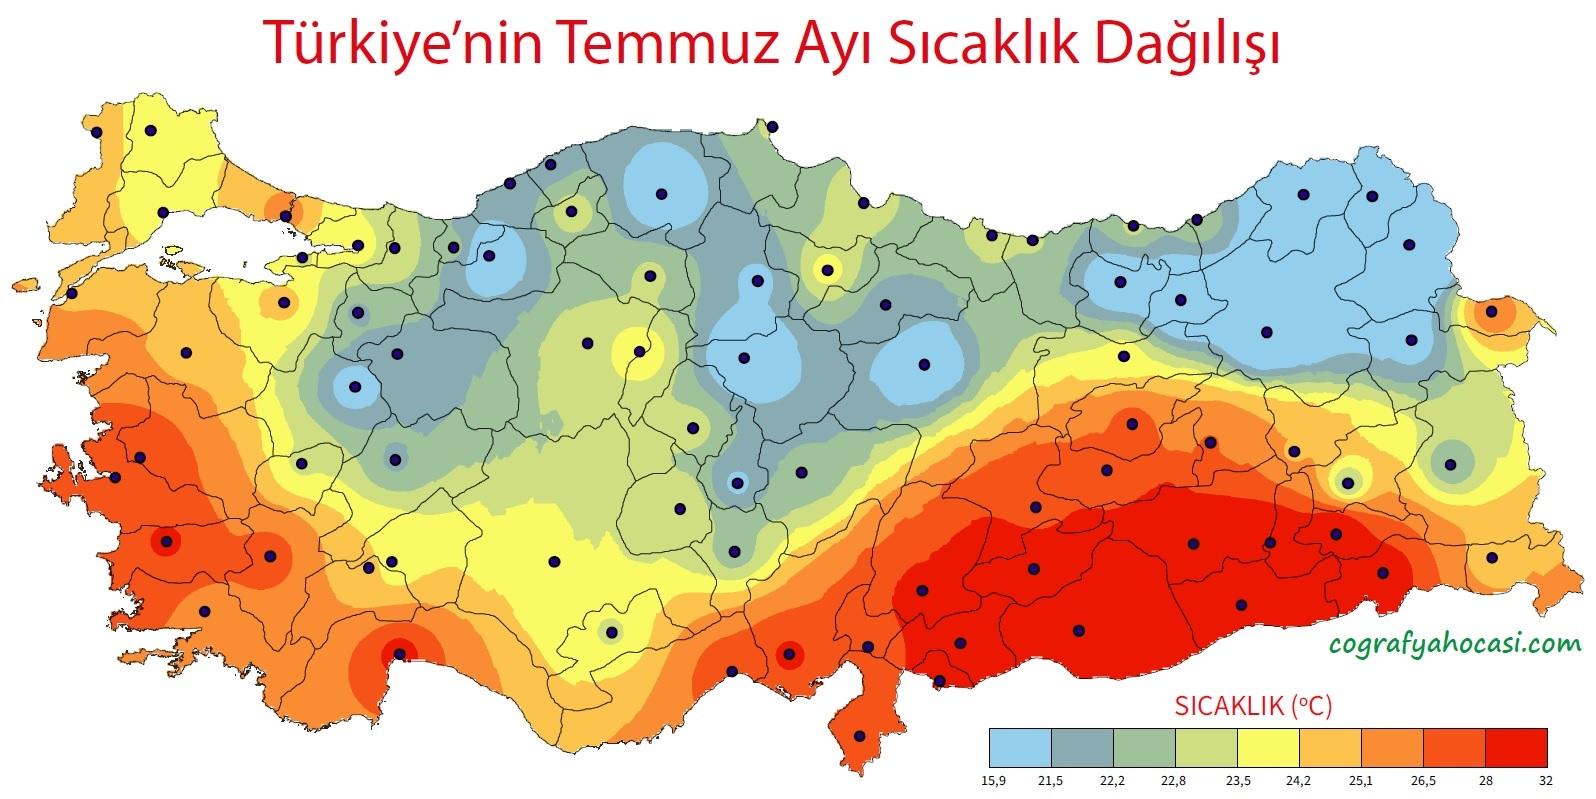 Türkiye'nin Temmuz Ayı Ortalama Sıcaklık Dağılış Haritası